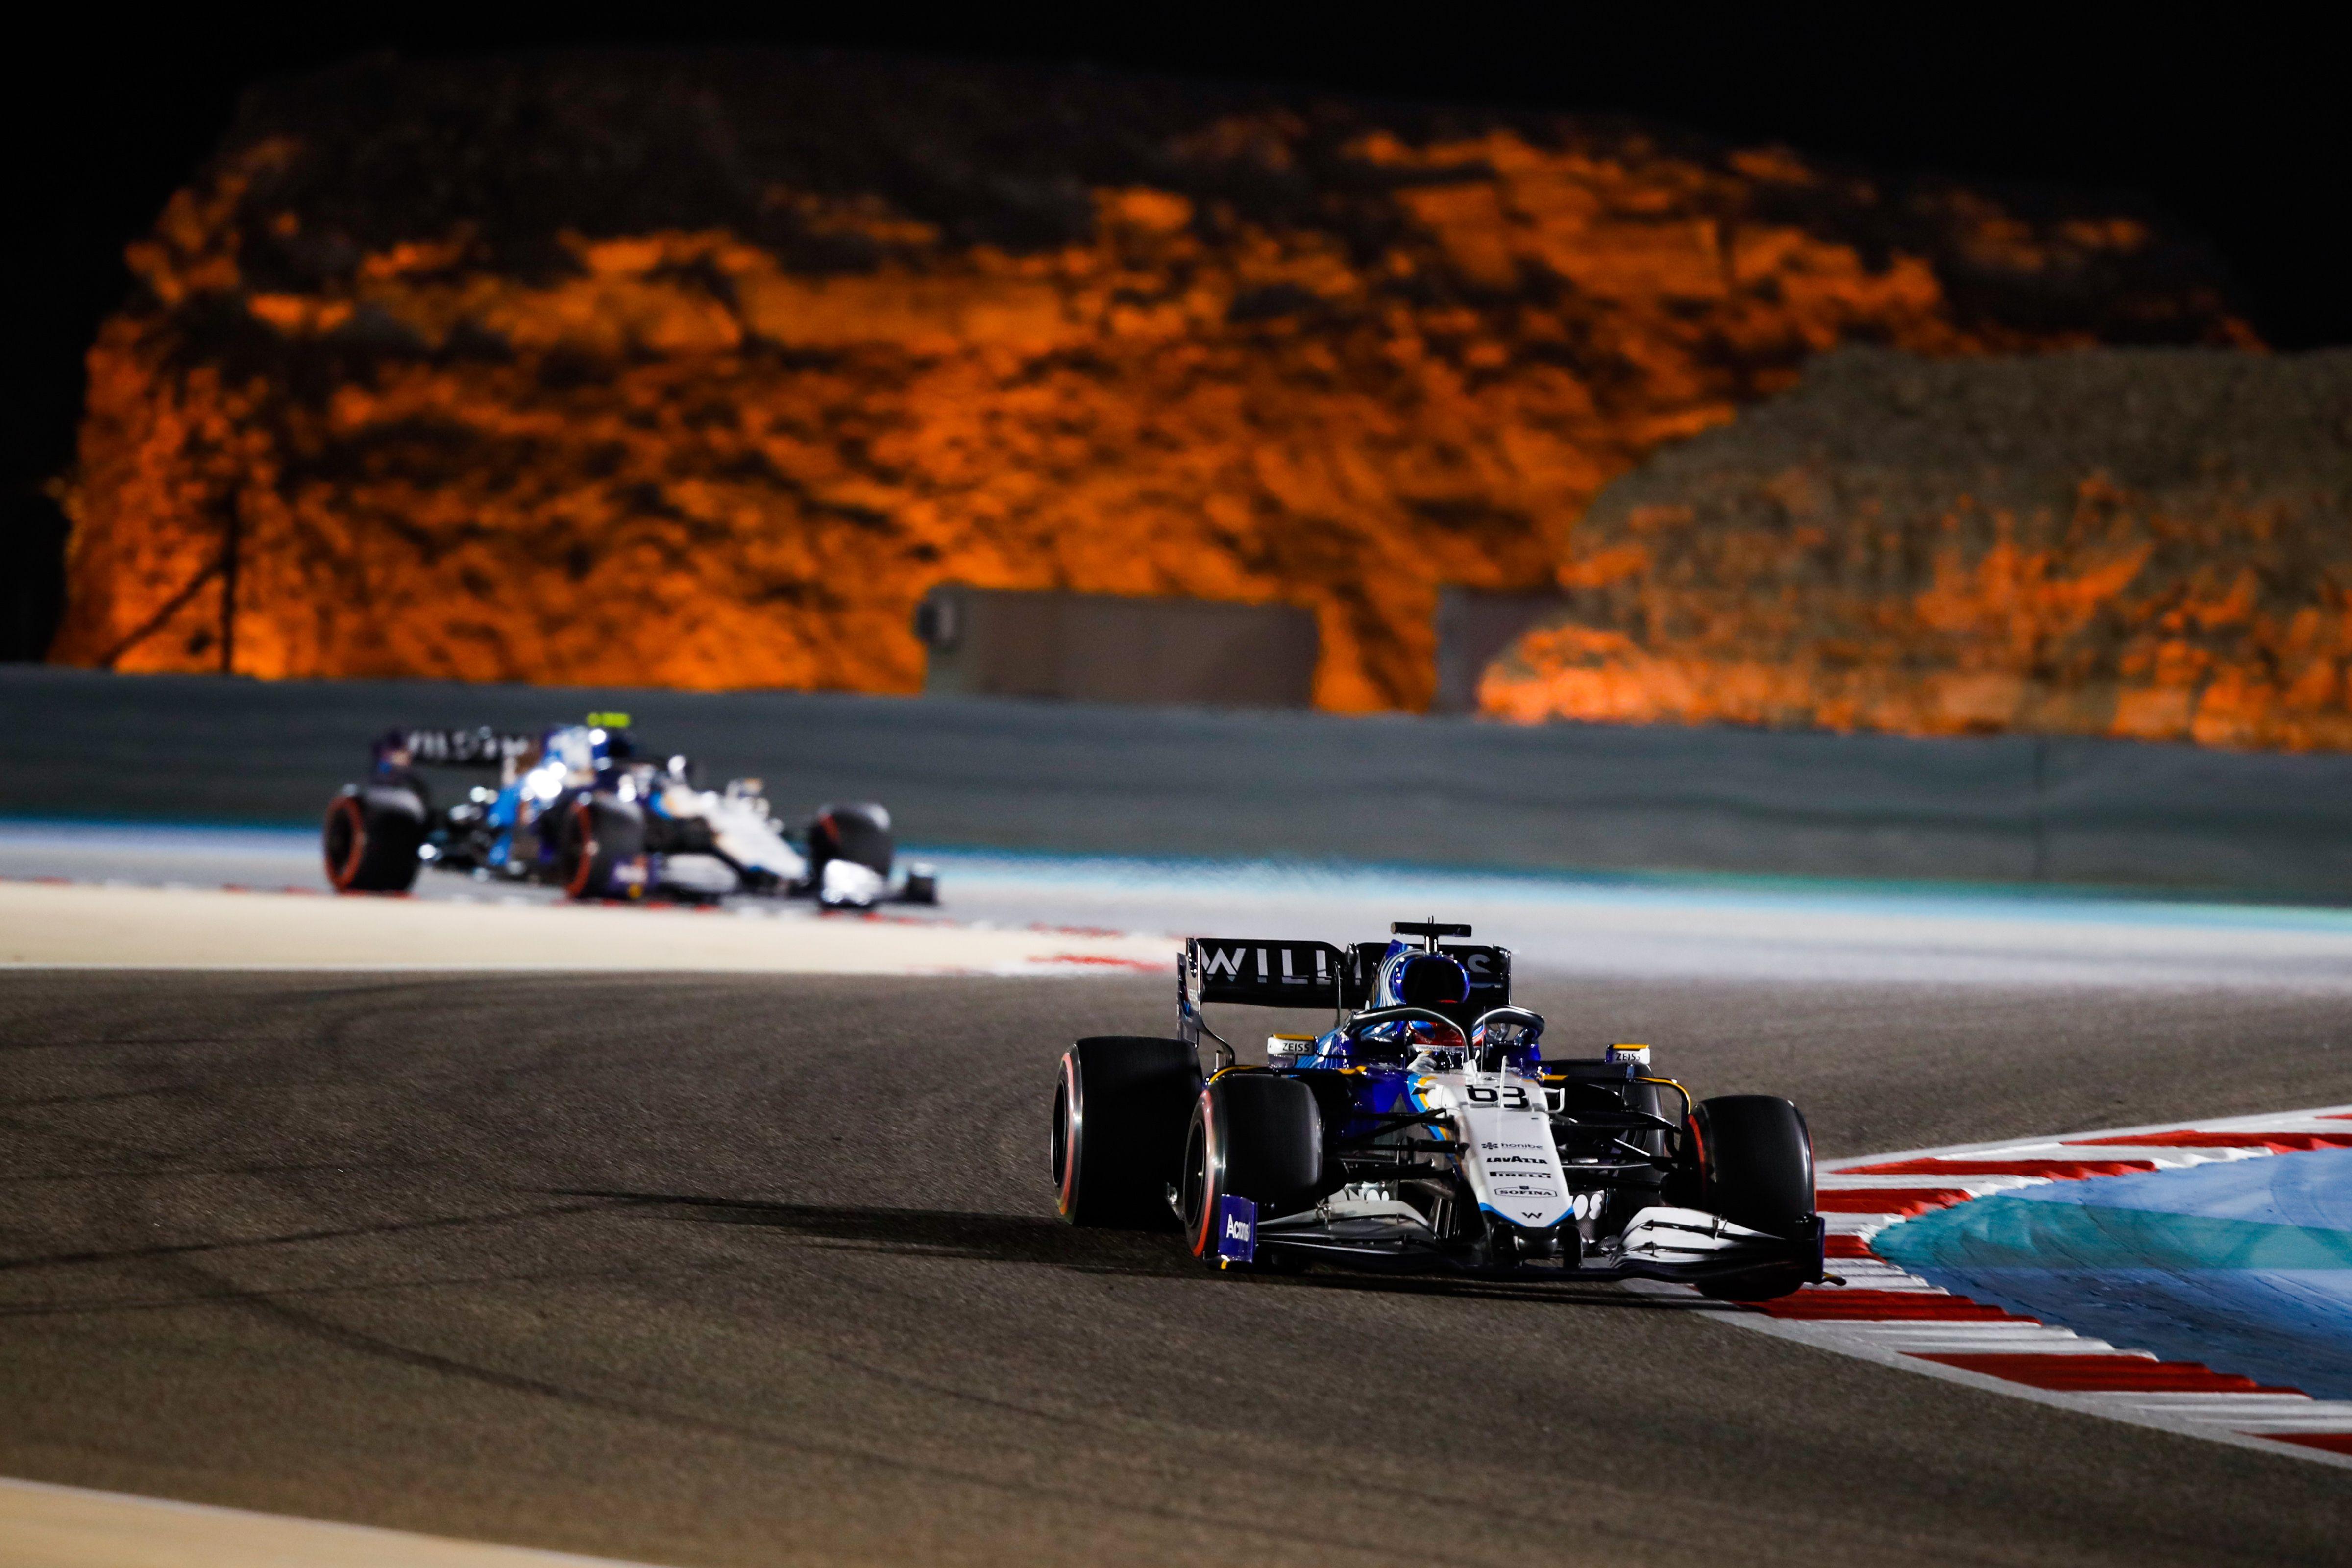 Гран-при Монако пройдёт со зрителями